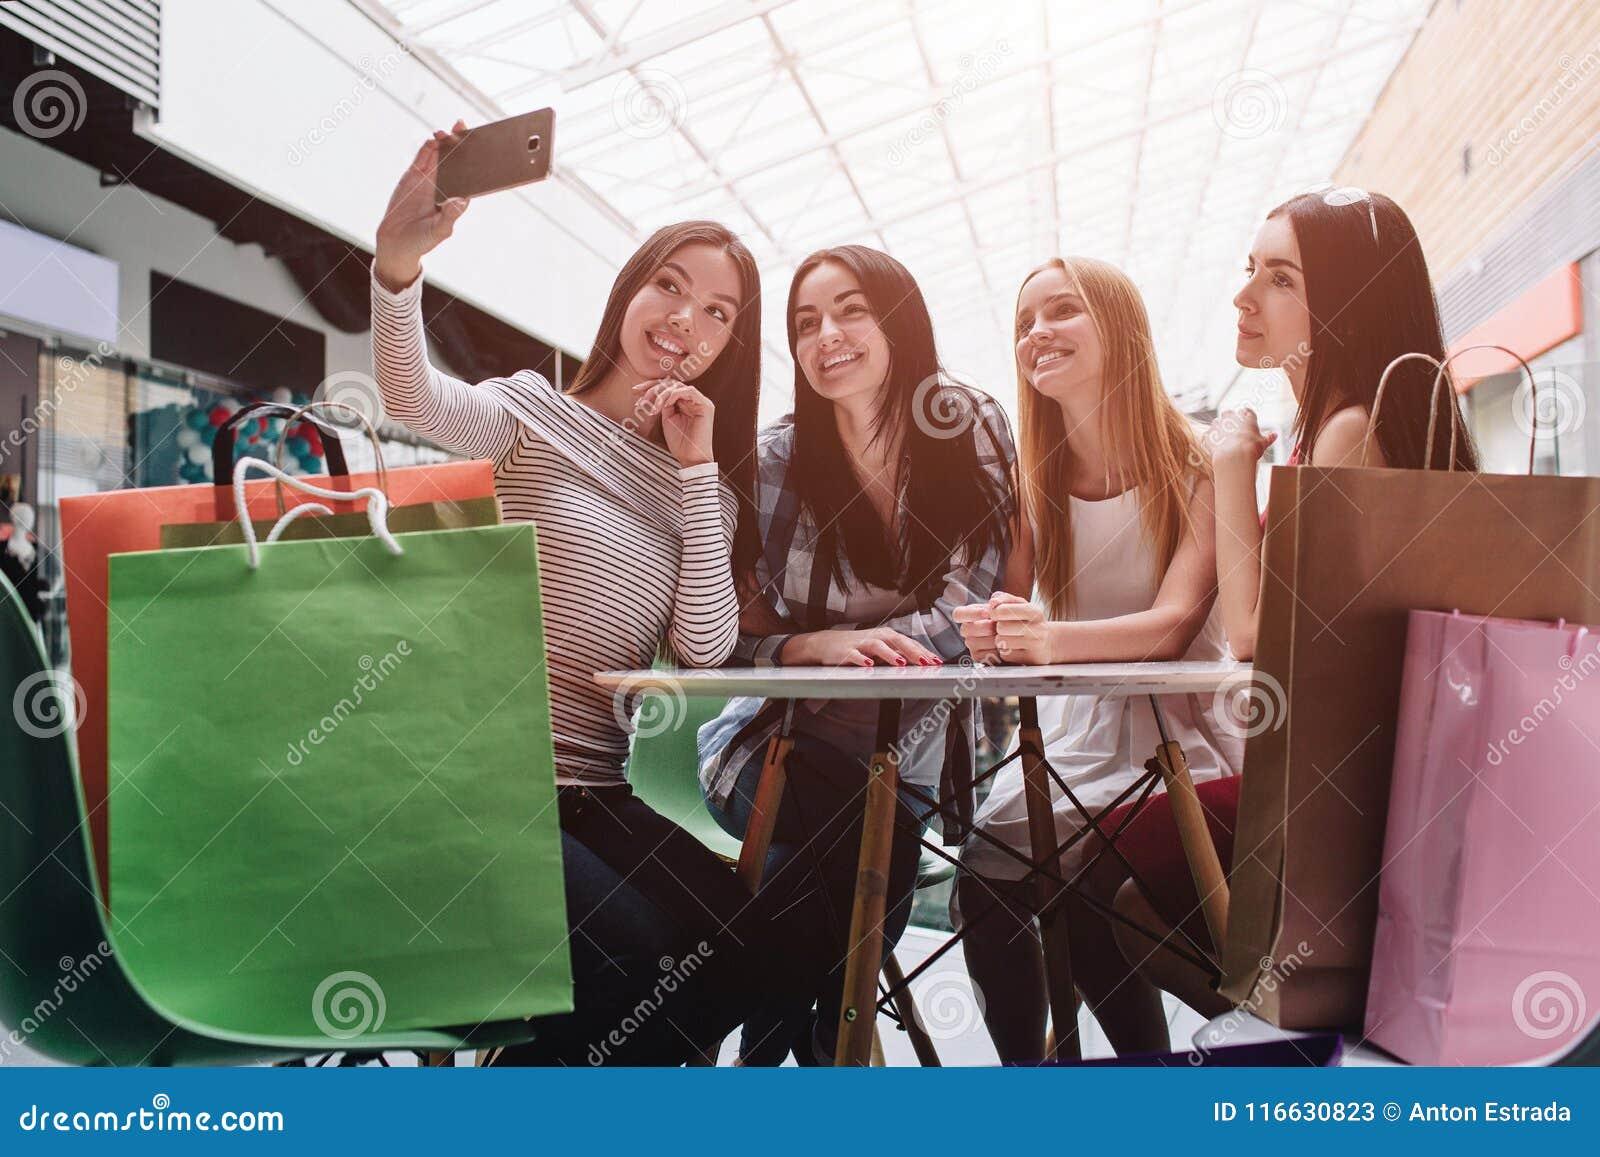 Красивые девушки сидят на таблице и говоря selfie Азиатская девушка держит камеру и фотографирует она там